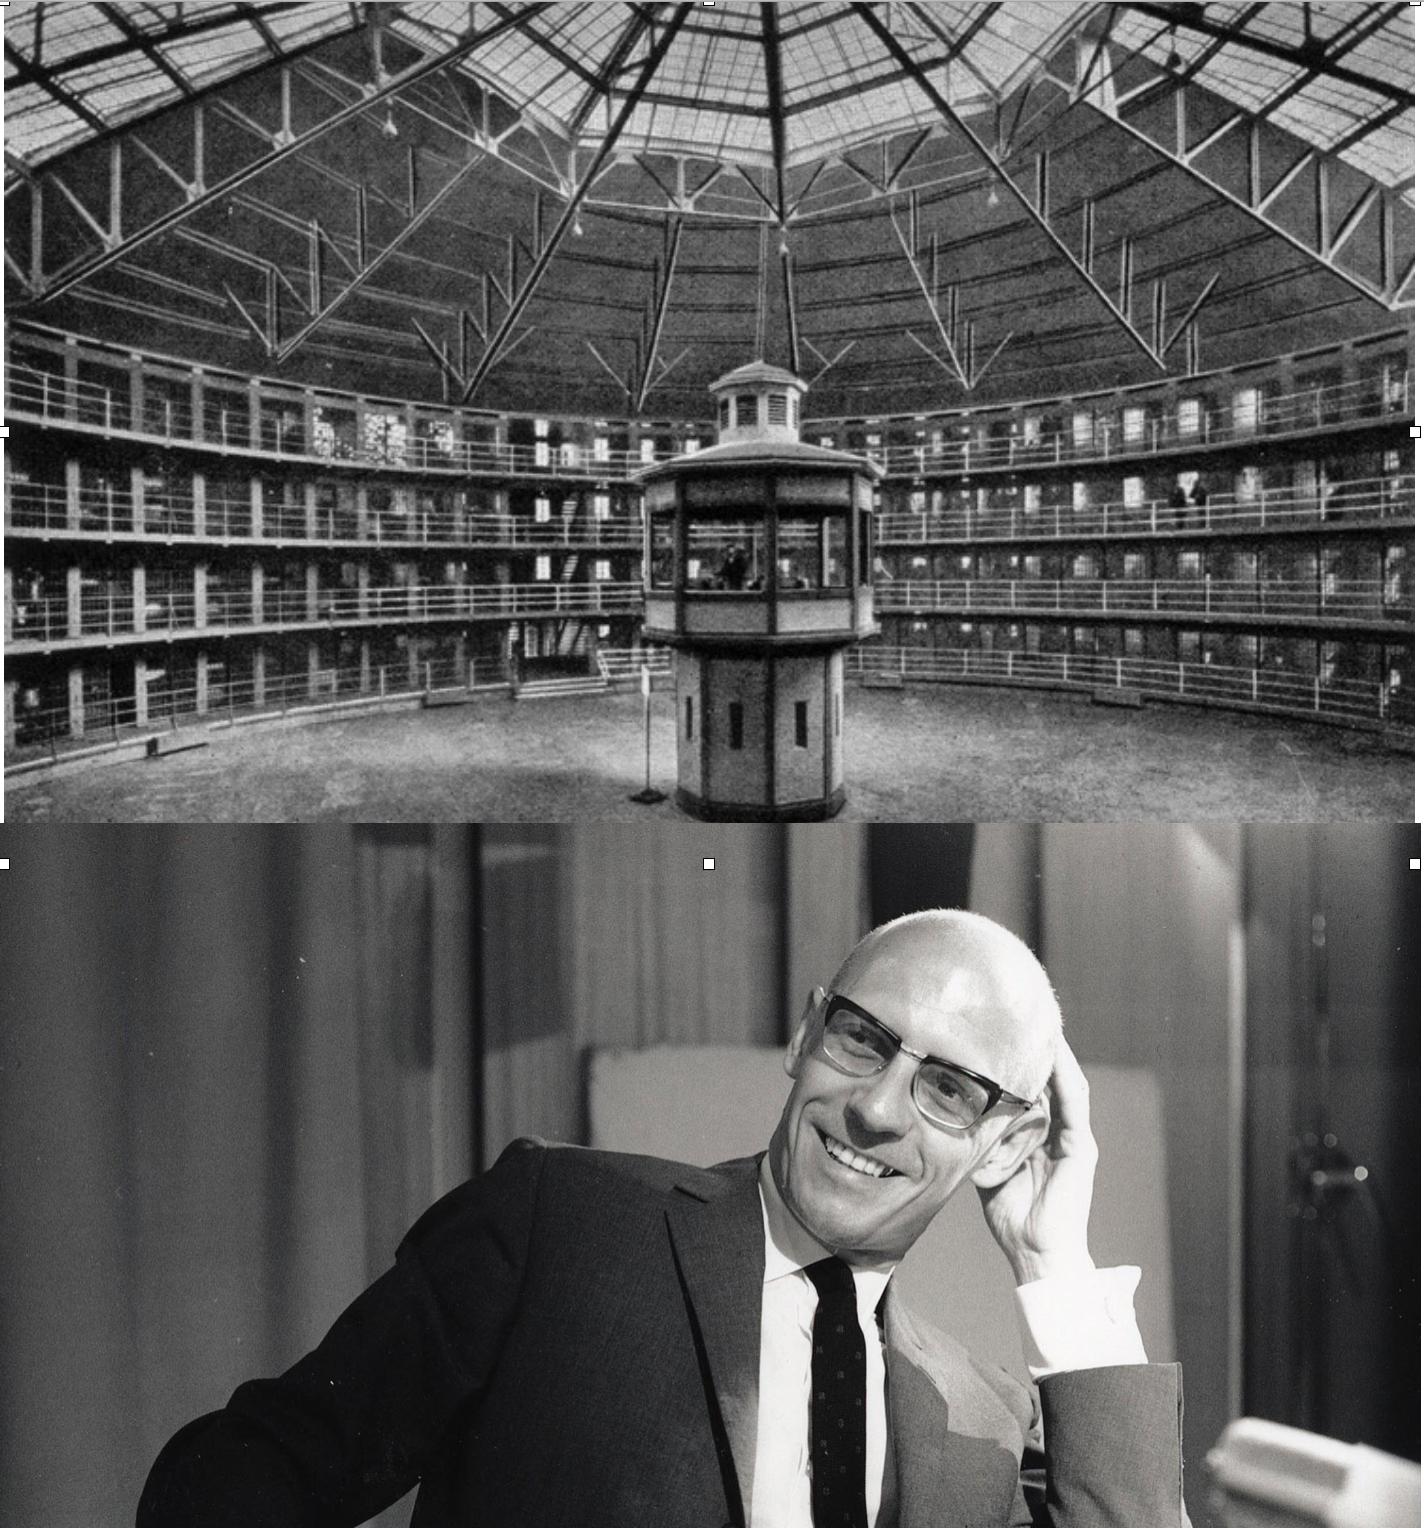 """En el capítulo 7 de su libro """"Vigilar y Castigar"""", Michel Foucault describió el mecanismo de vigilancia, control y modificación de la conducta: el panóptico (concebido por Jeremy Bentham)"""